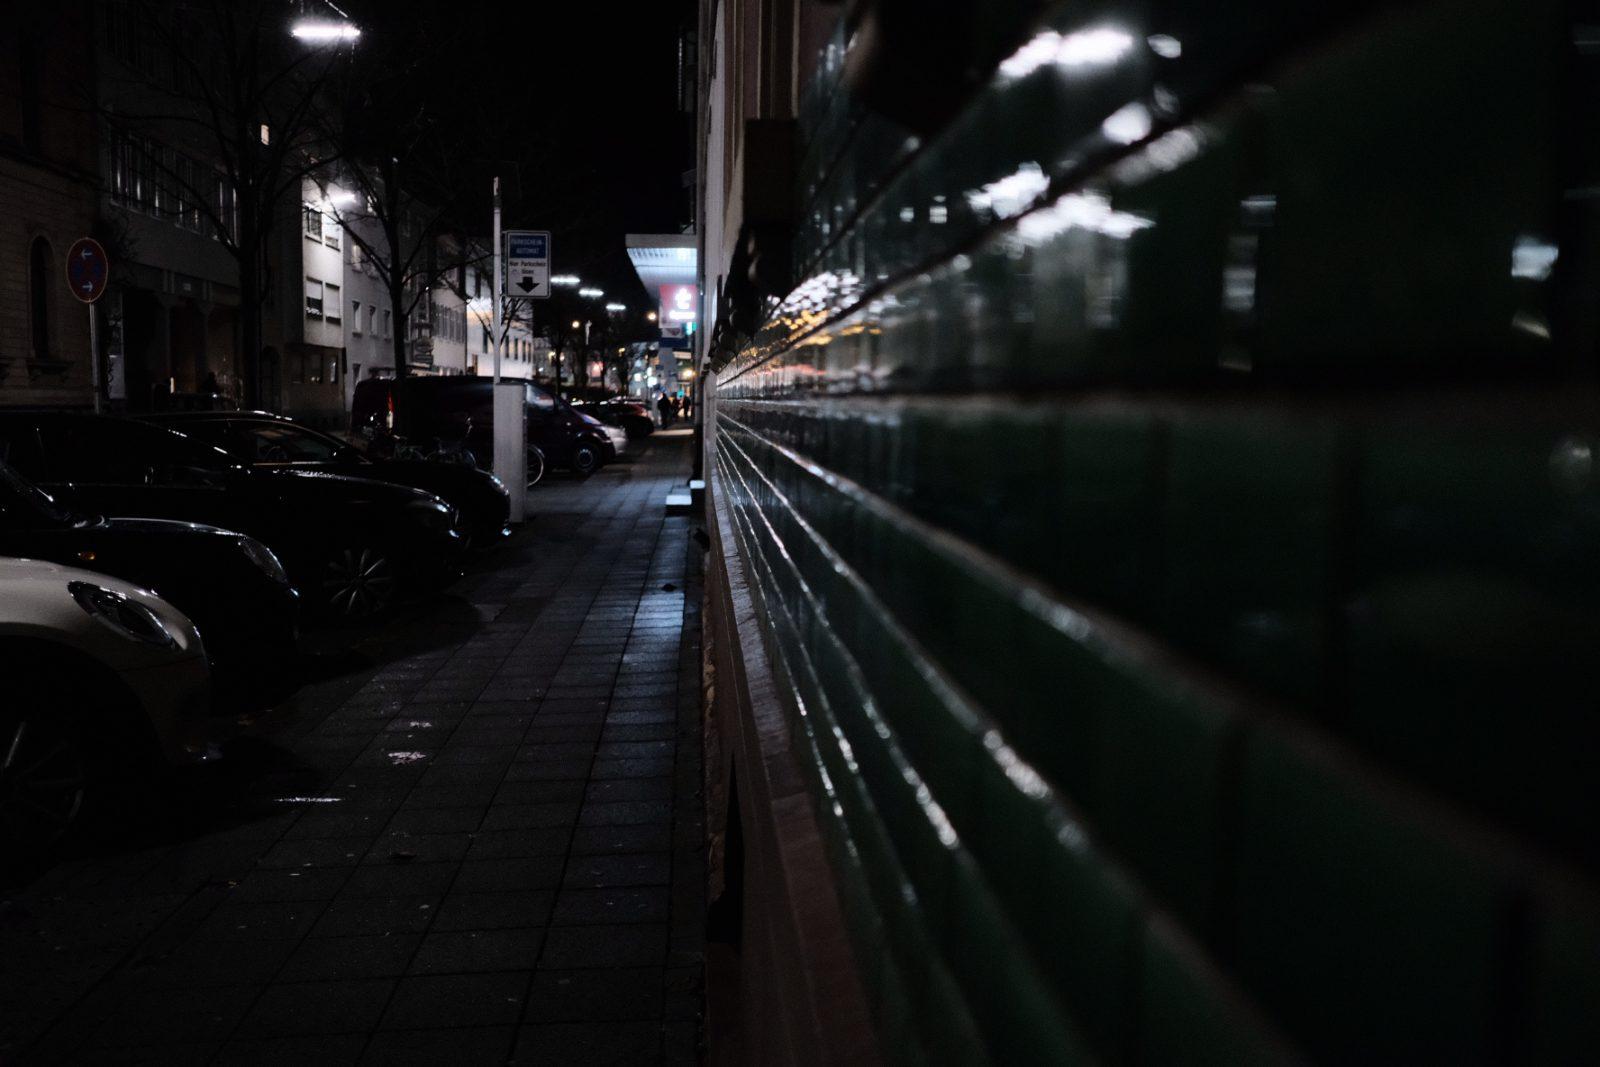 Tag 44 von 366: Night Vision